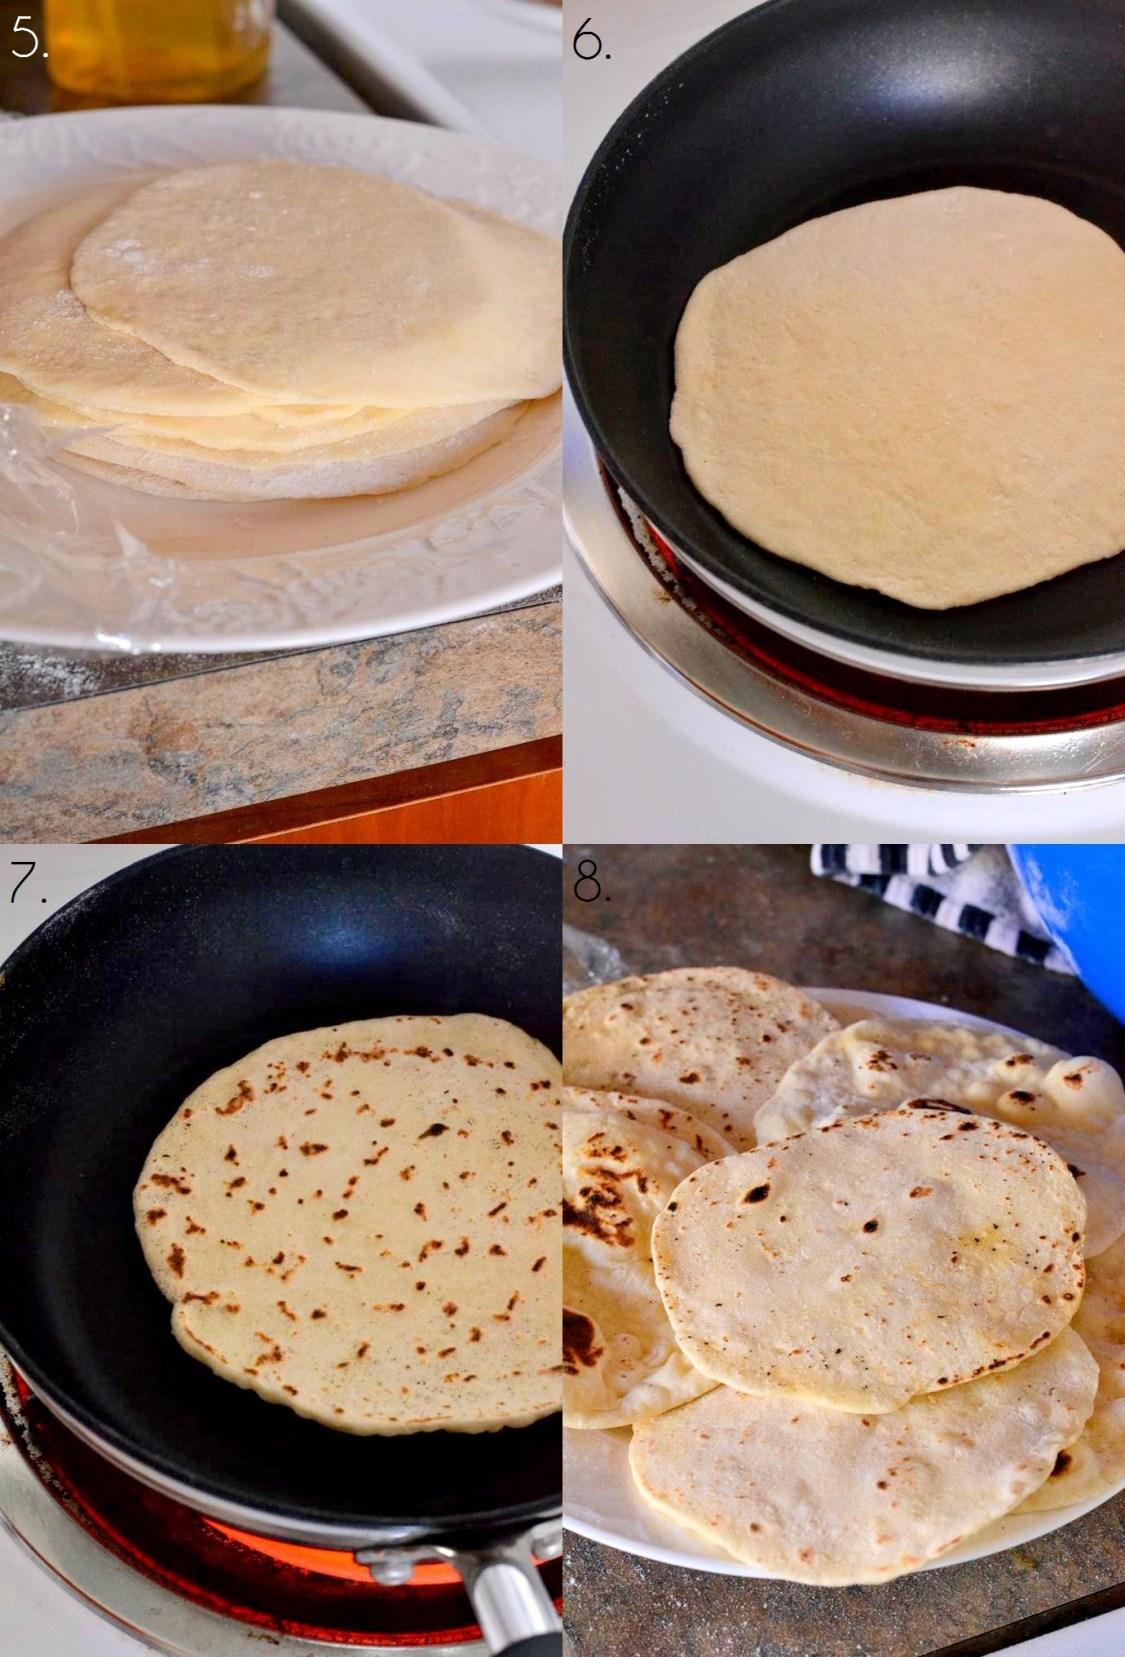 mini-taco-pizzas-on-homemade-tortillas-at-www-tattooedmartha-com-2